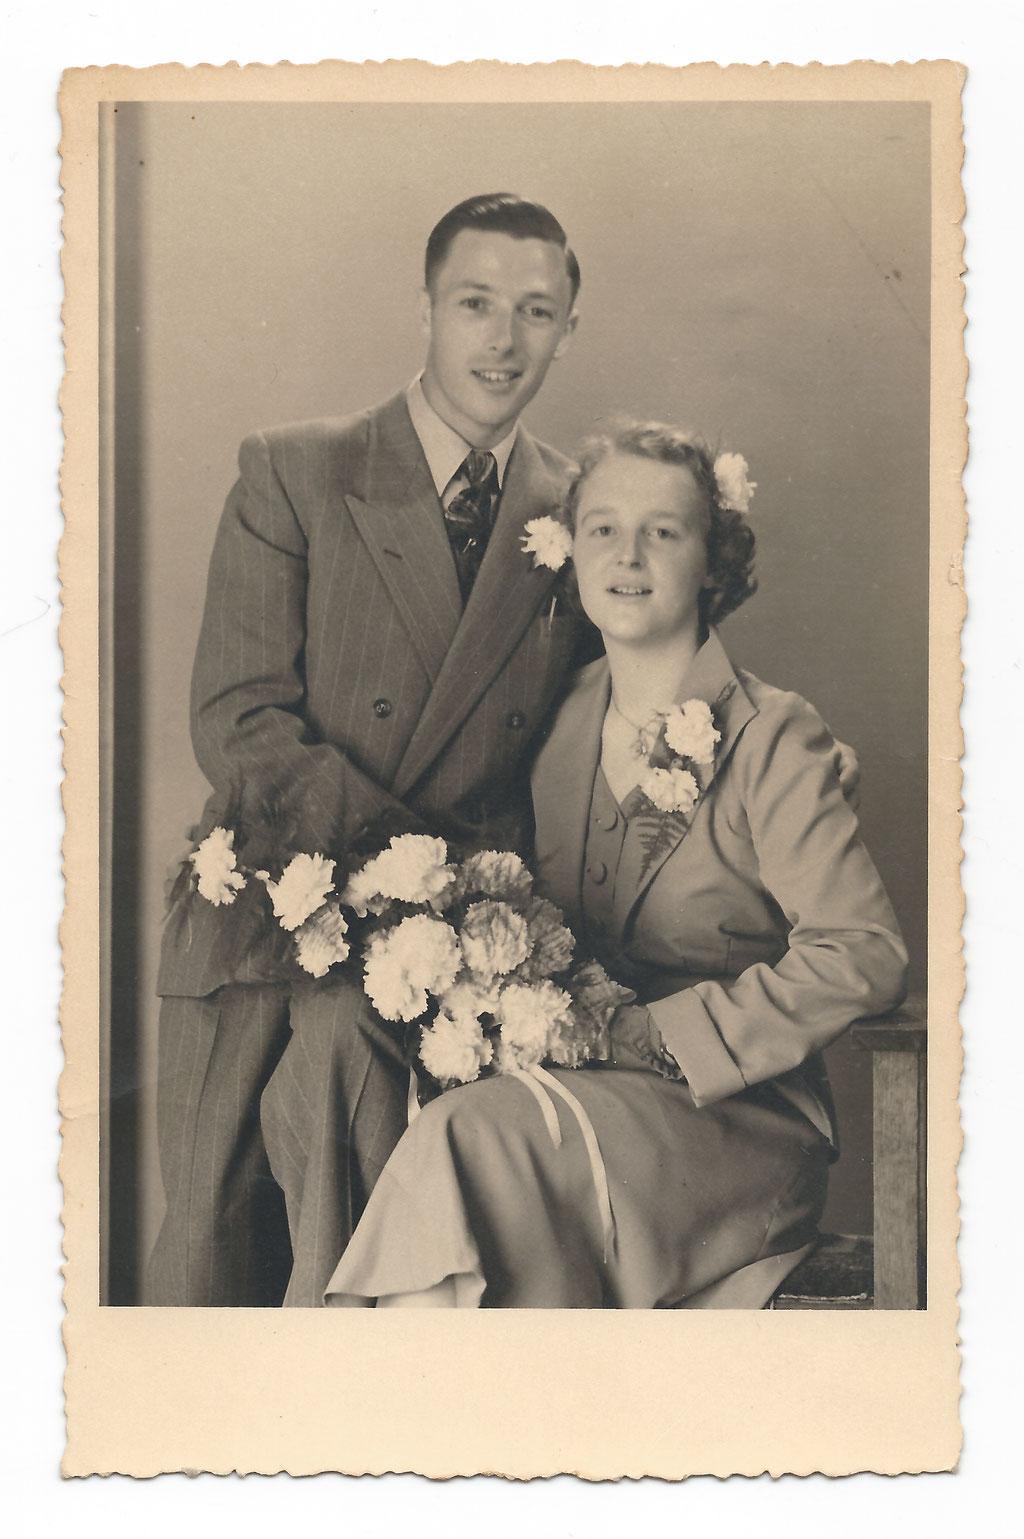 Na terugkomst uit Indië trouwden ze heel eenvoudig. Geen ringen en inwonen bij ouders... Maar ze bleven 65 jaar lang samen in een gelukkig huwelijk